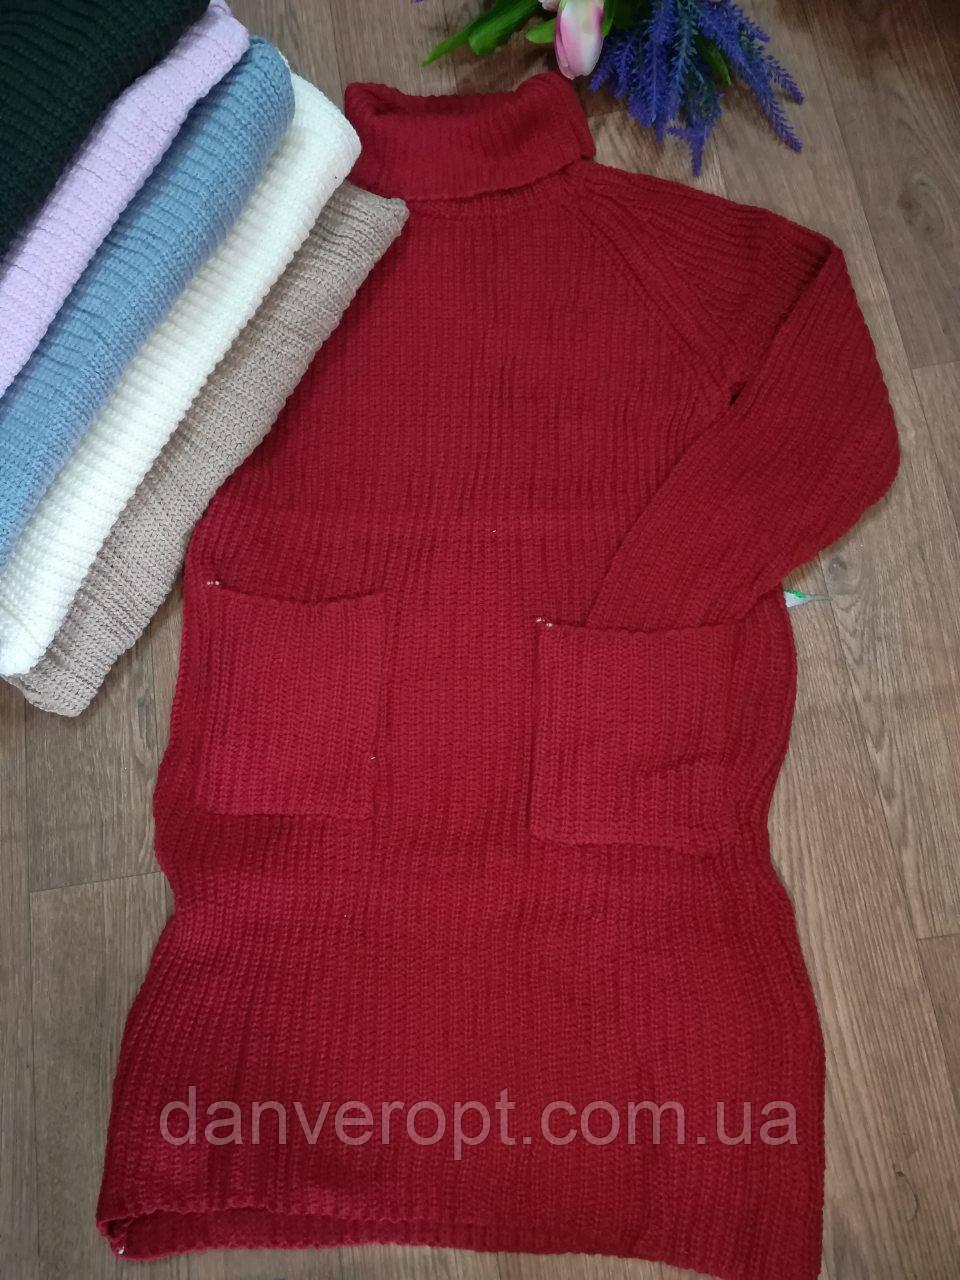 Туника женская стильная размер универсальный 42-46 купить оптом со склада 7км Одесса